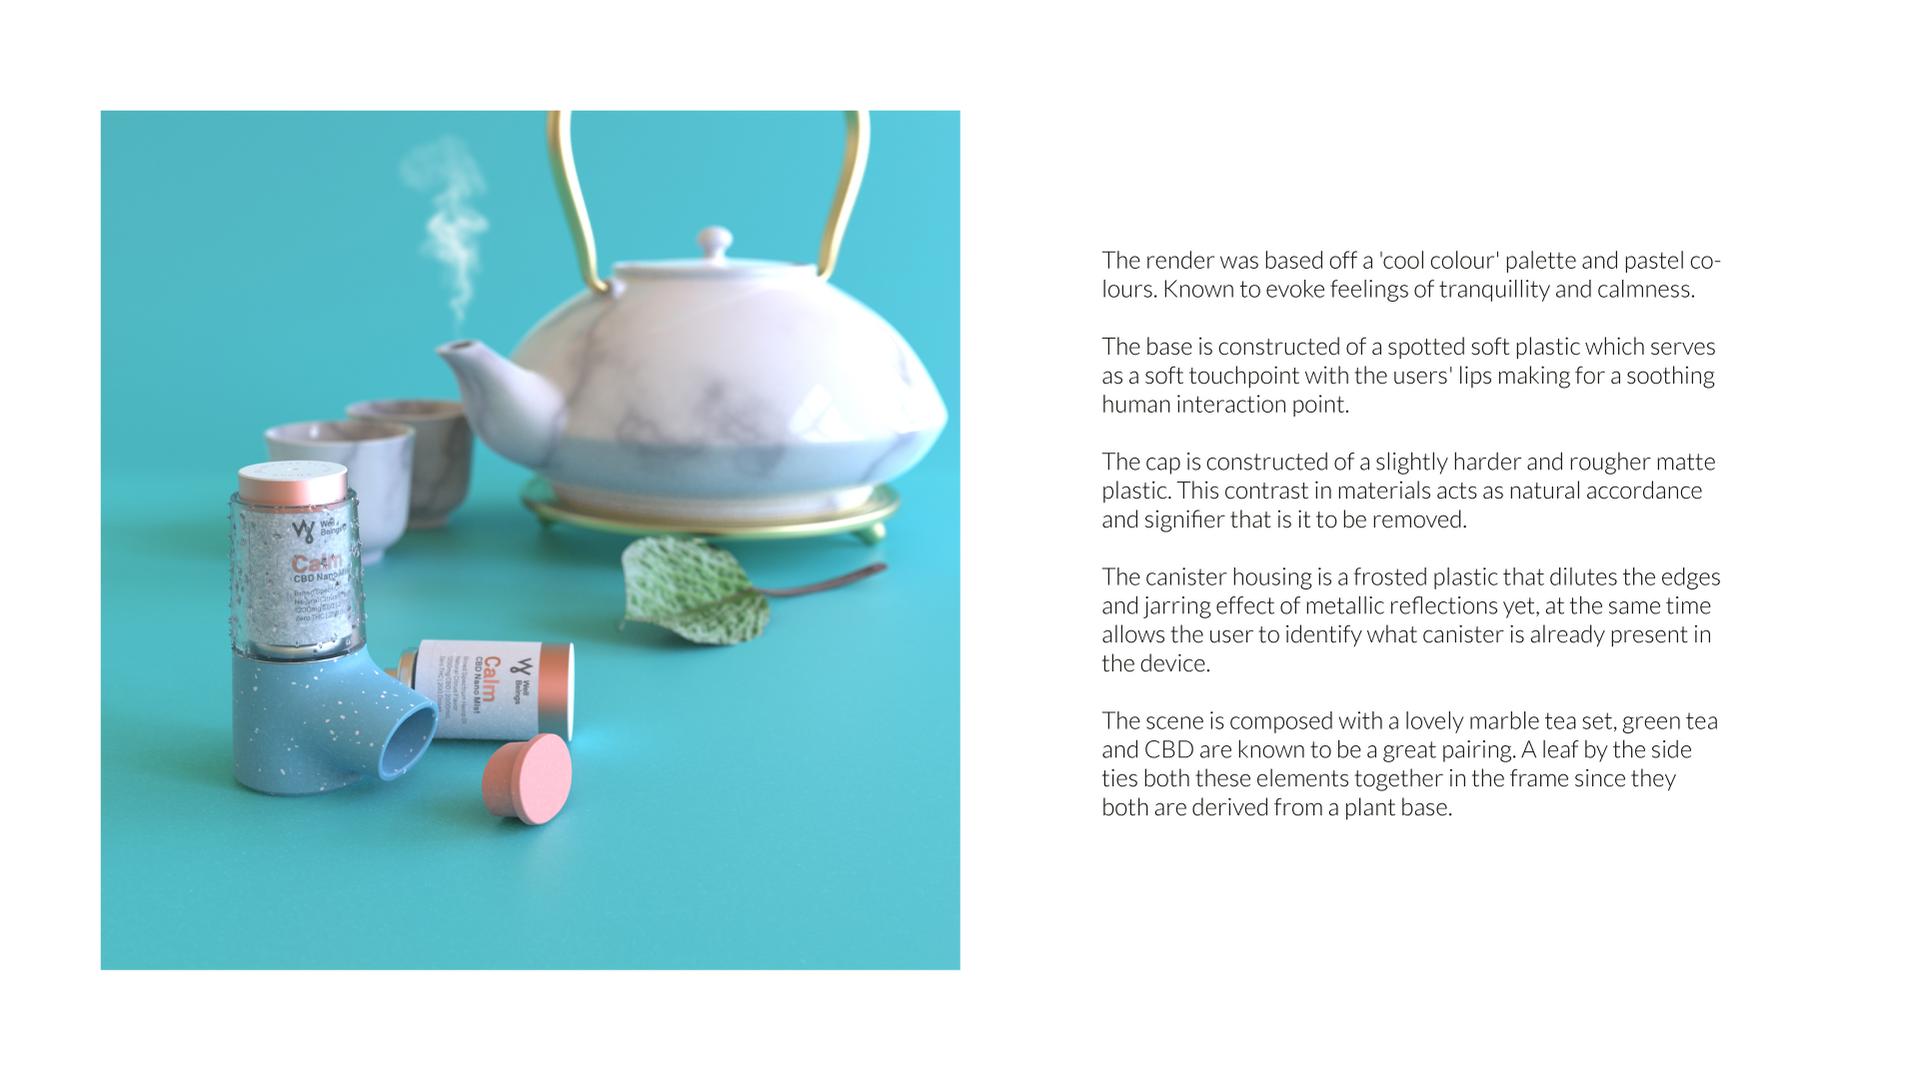 CBD Inhaler Story